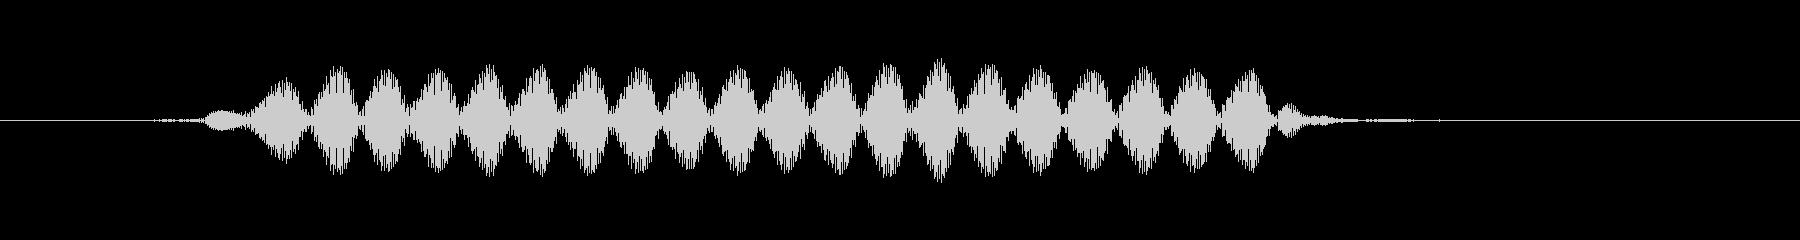 「ピィッ」サッカーPK合図の笛の未再生の波形